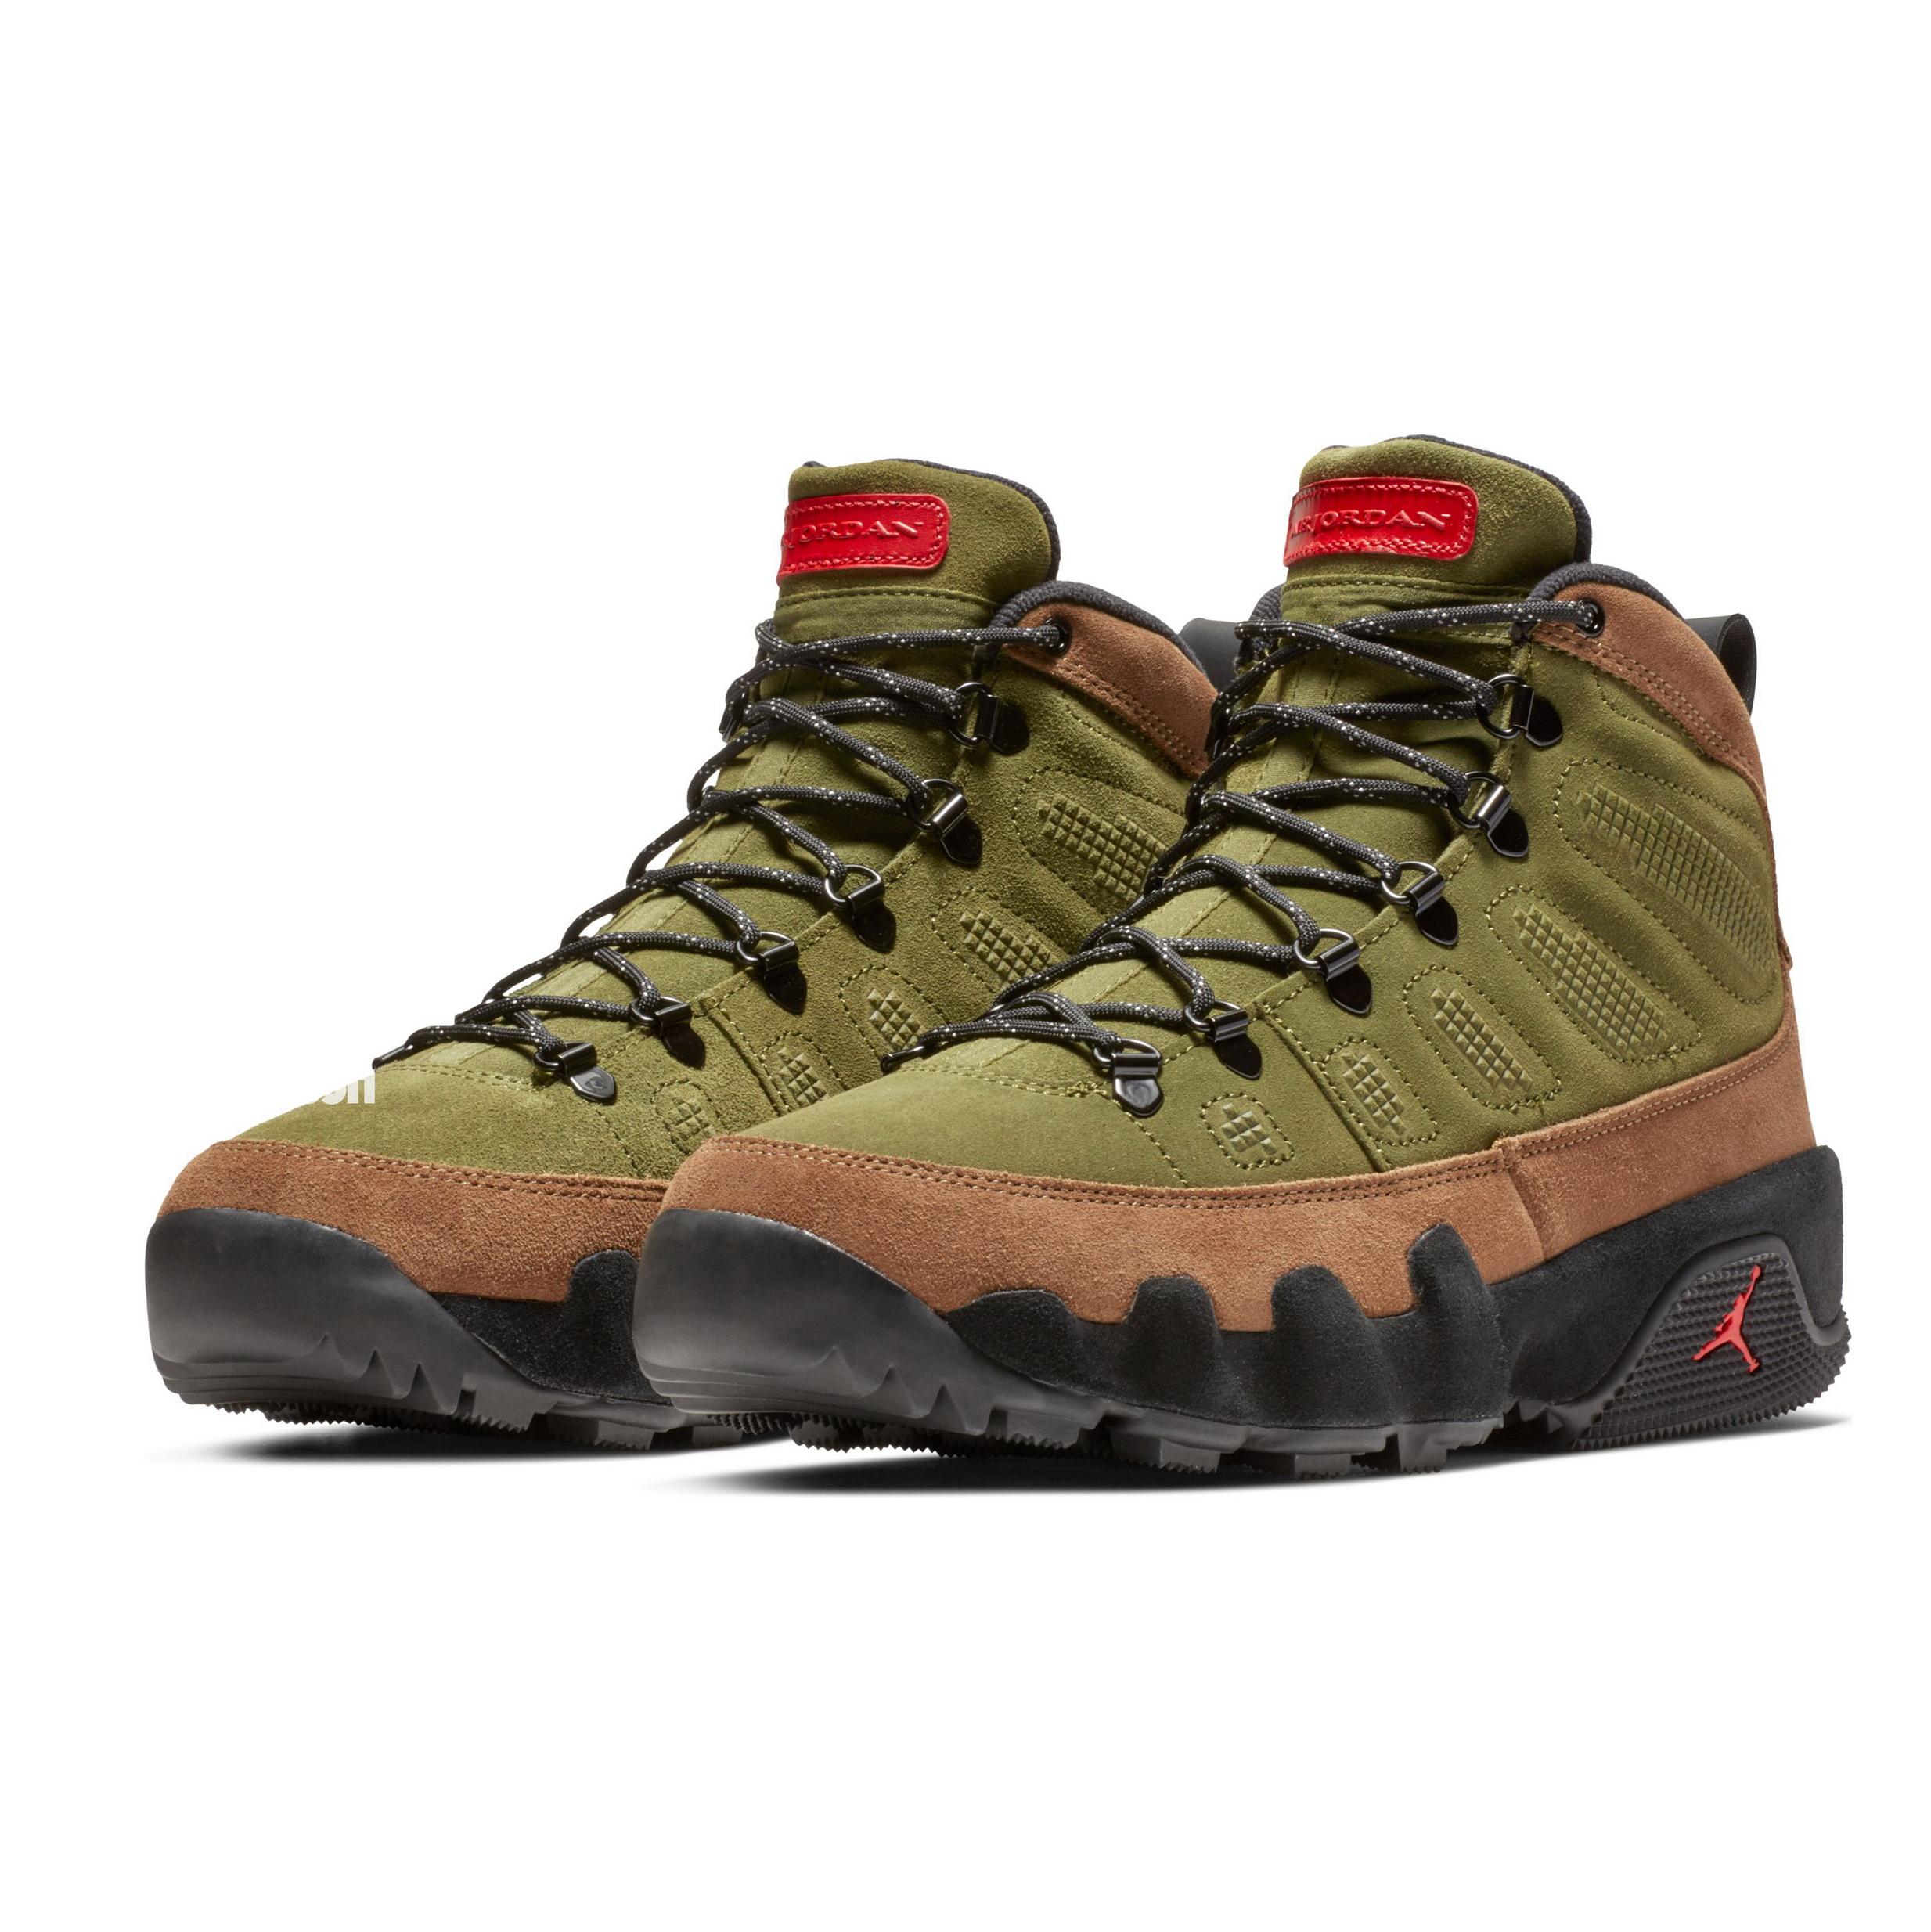 fa593569e71ff1 Air jordan 9 boot NRG olive - WearTesters